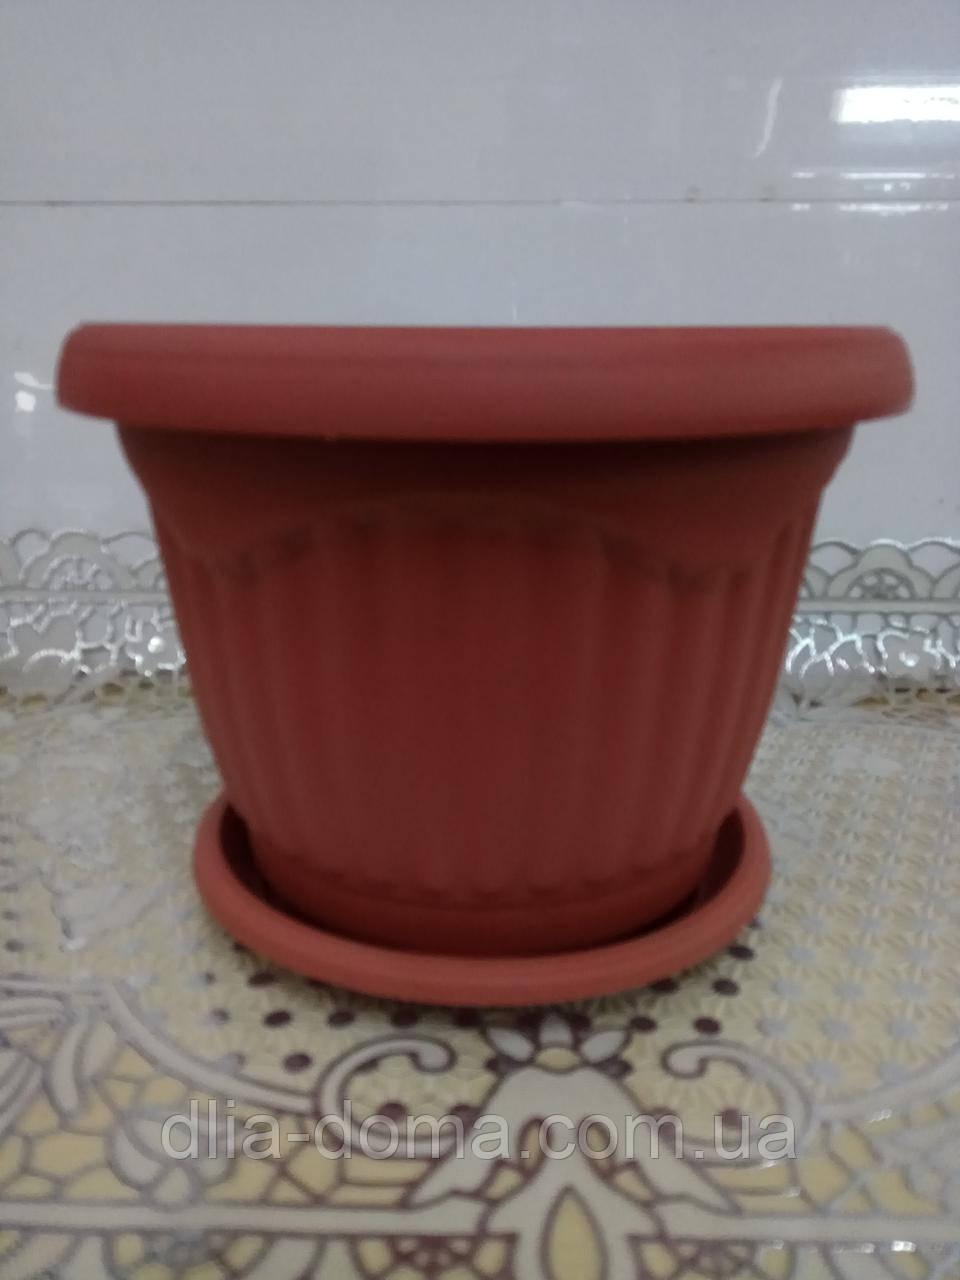 Горщик для квітів пластиковий Хвиля, діаметр 20,5 см, 5602